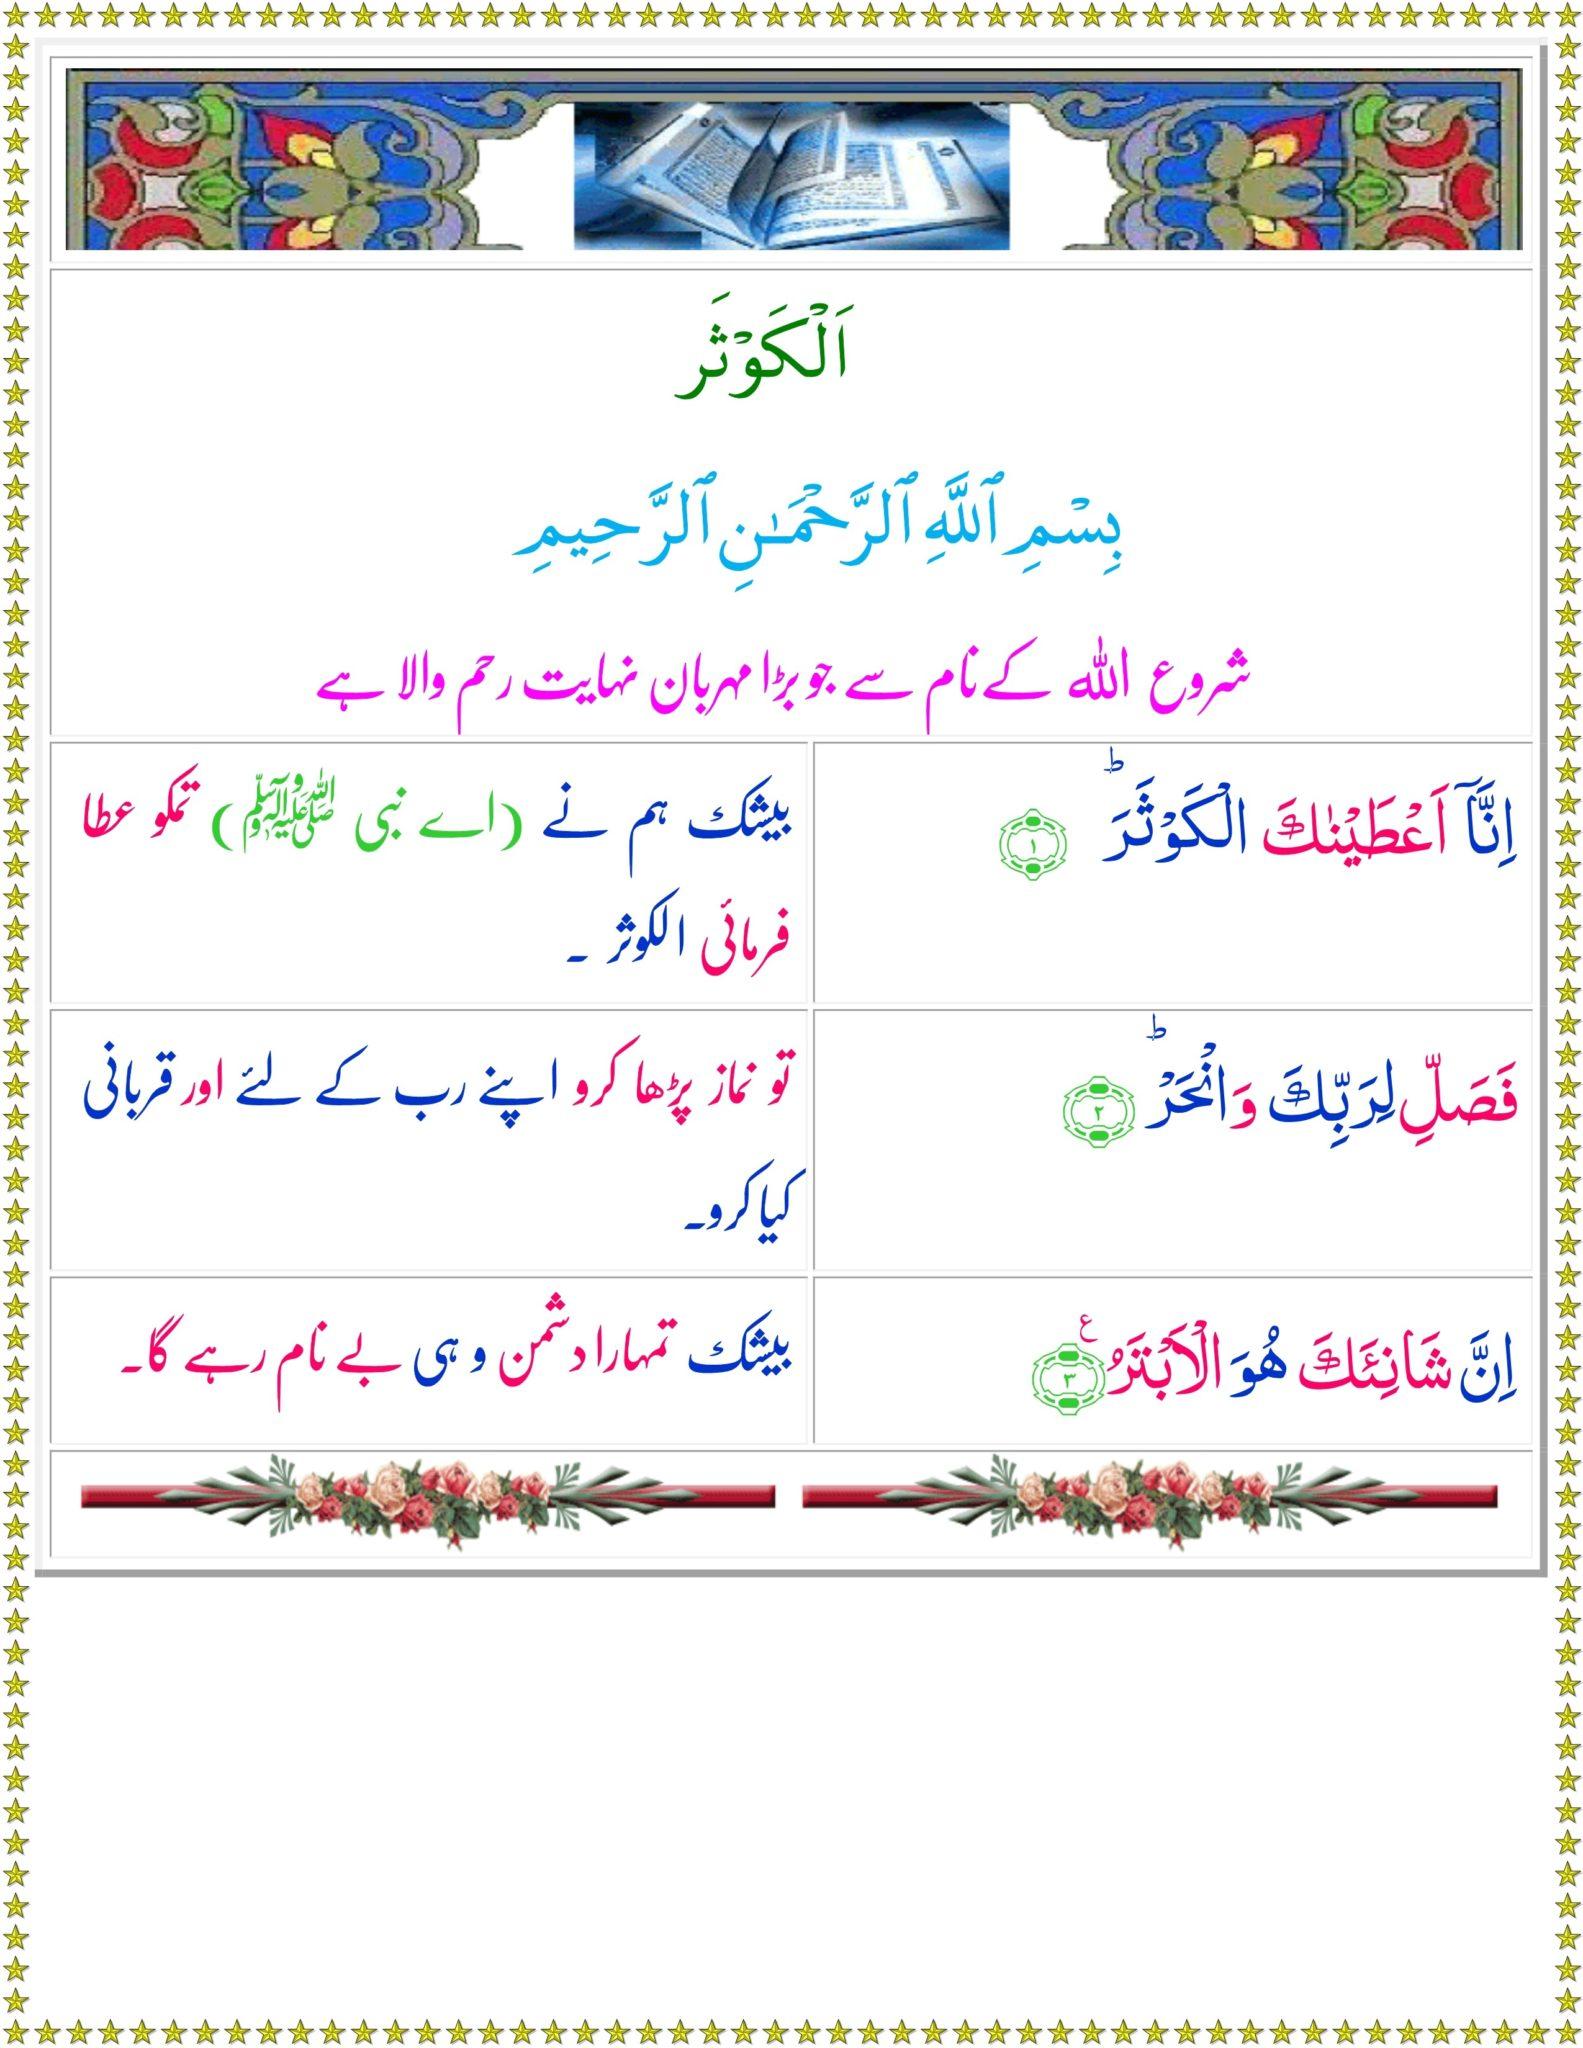 Surah Kausar translation in Urdu, Hindi